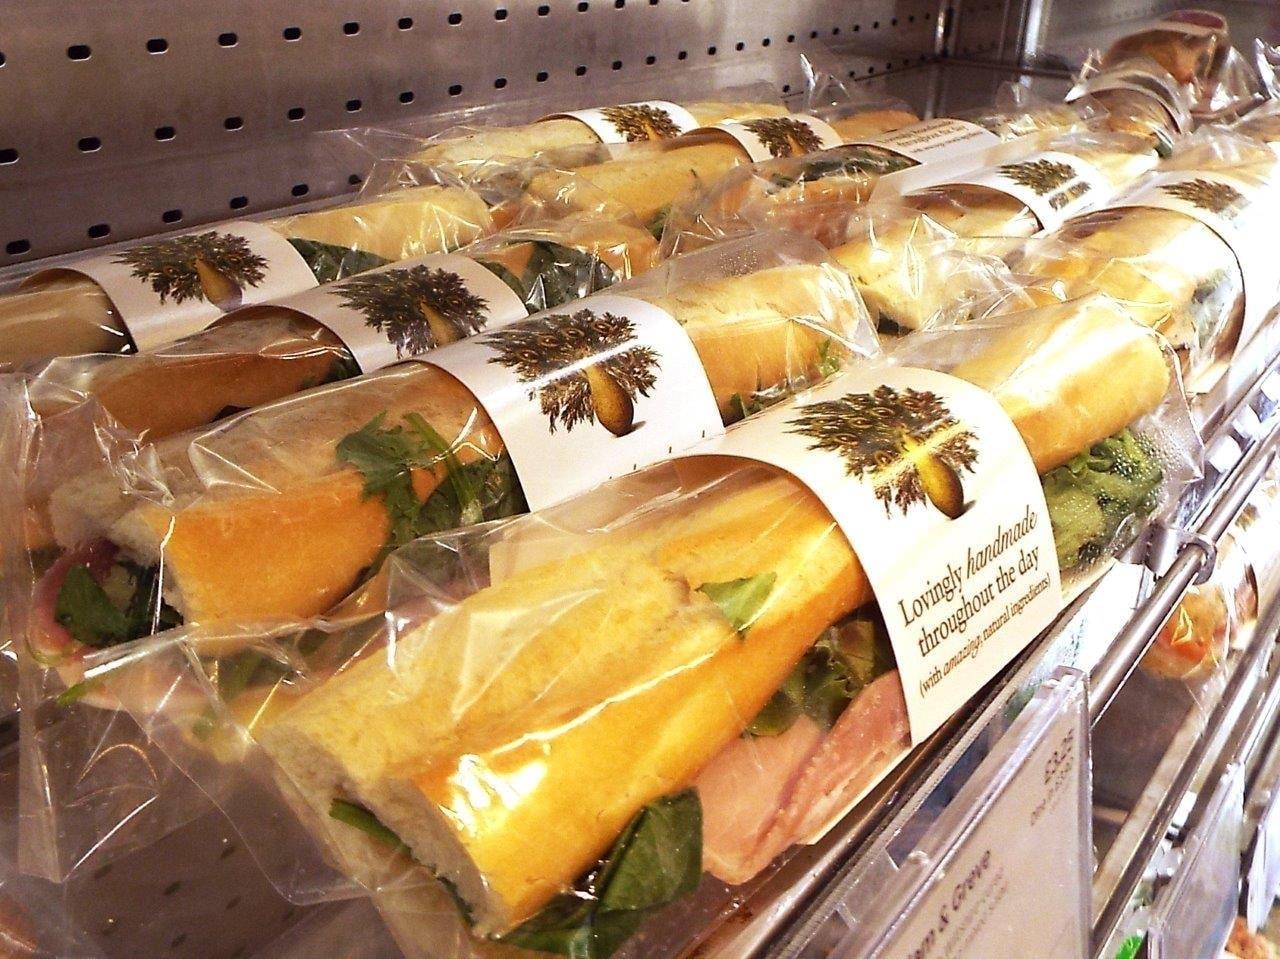 Monday Pret. Fish sandwiches, wraps, baguettes and salad.